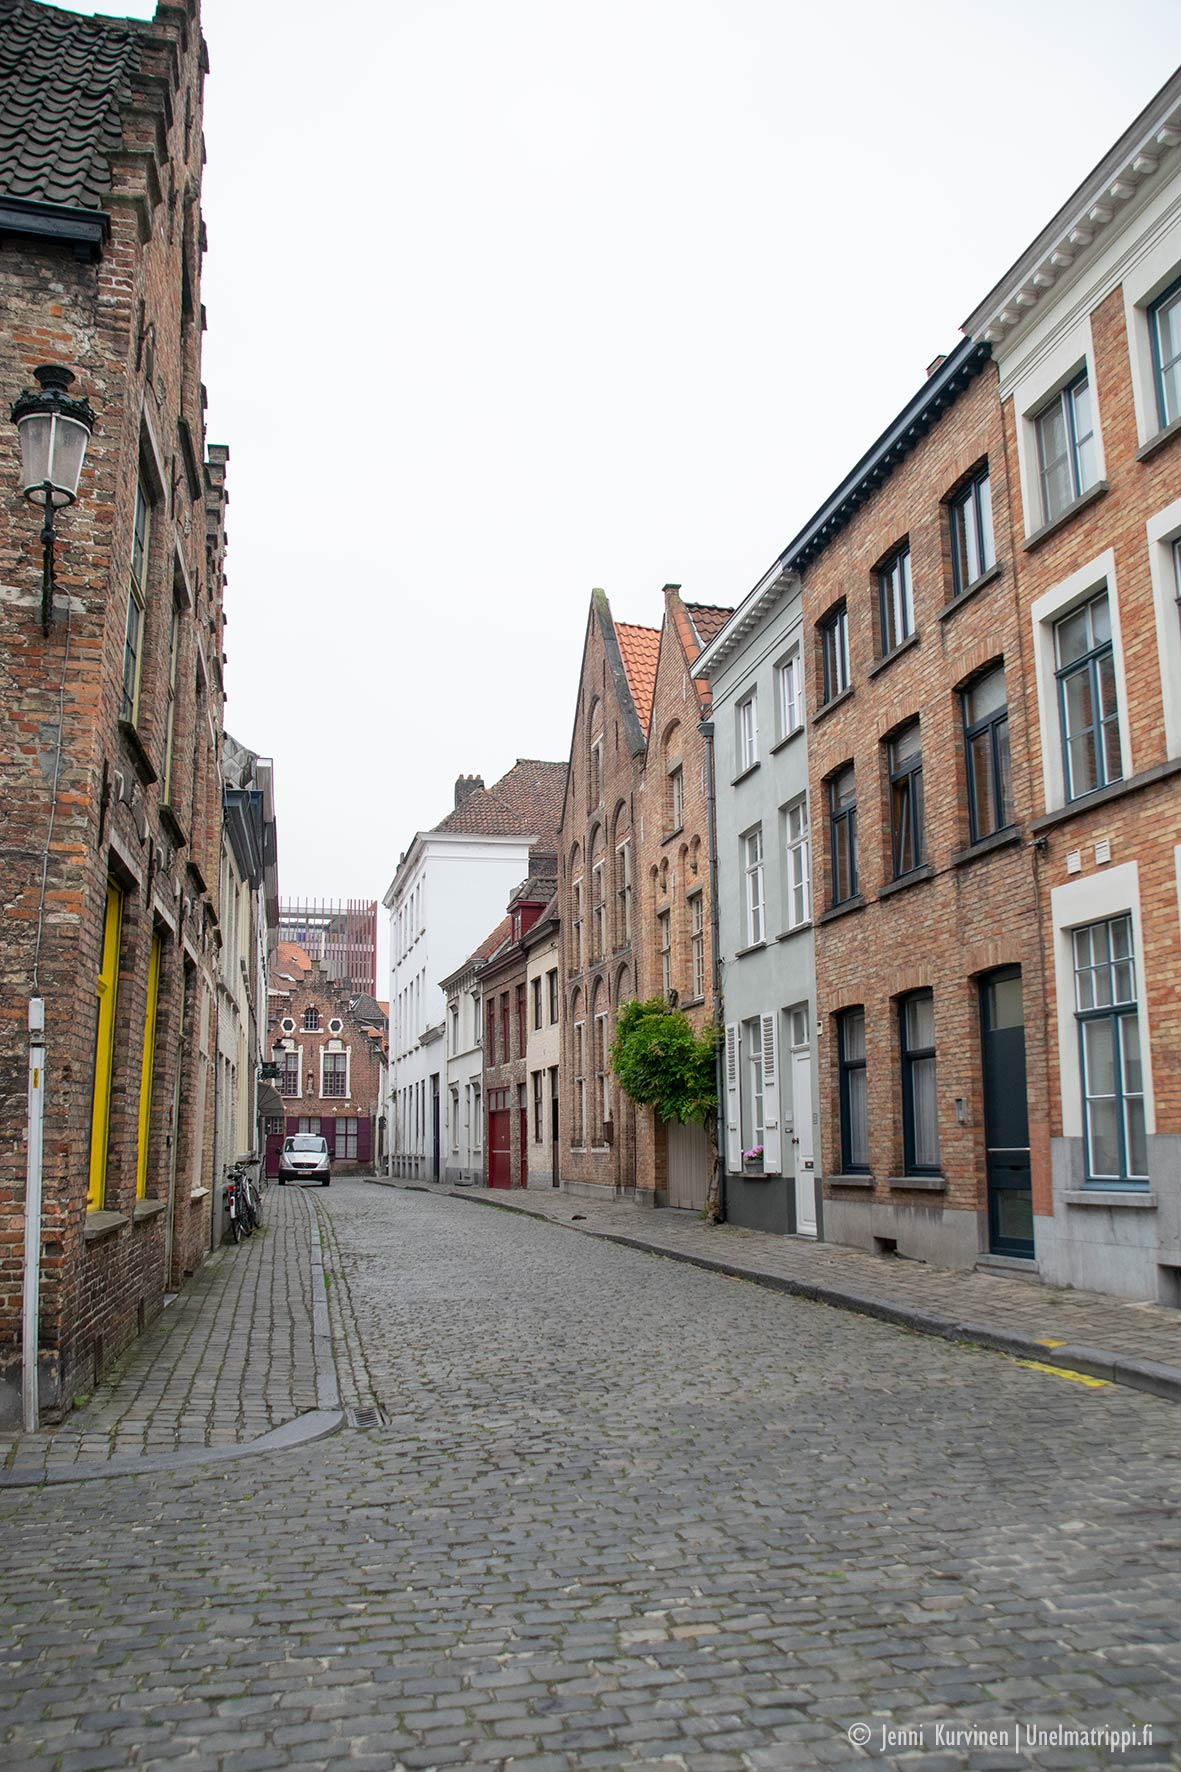 20181007-Unelmatrippi-Brugge-DSC0730